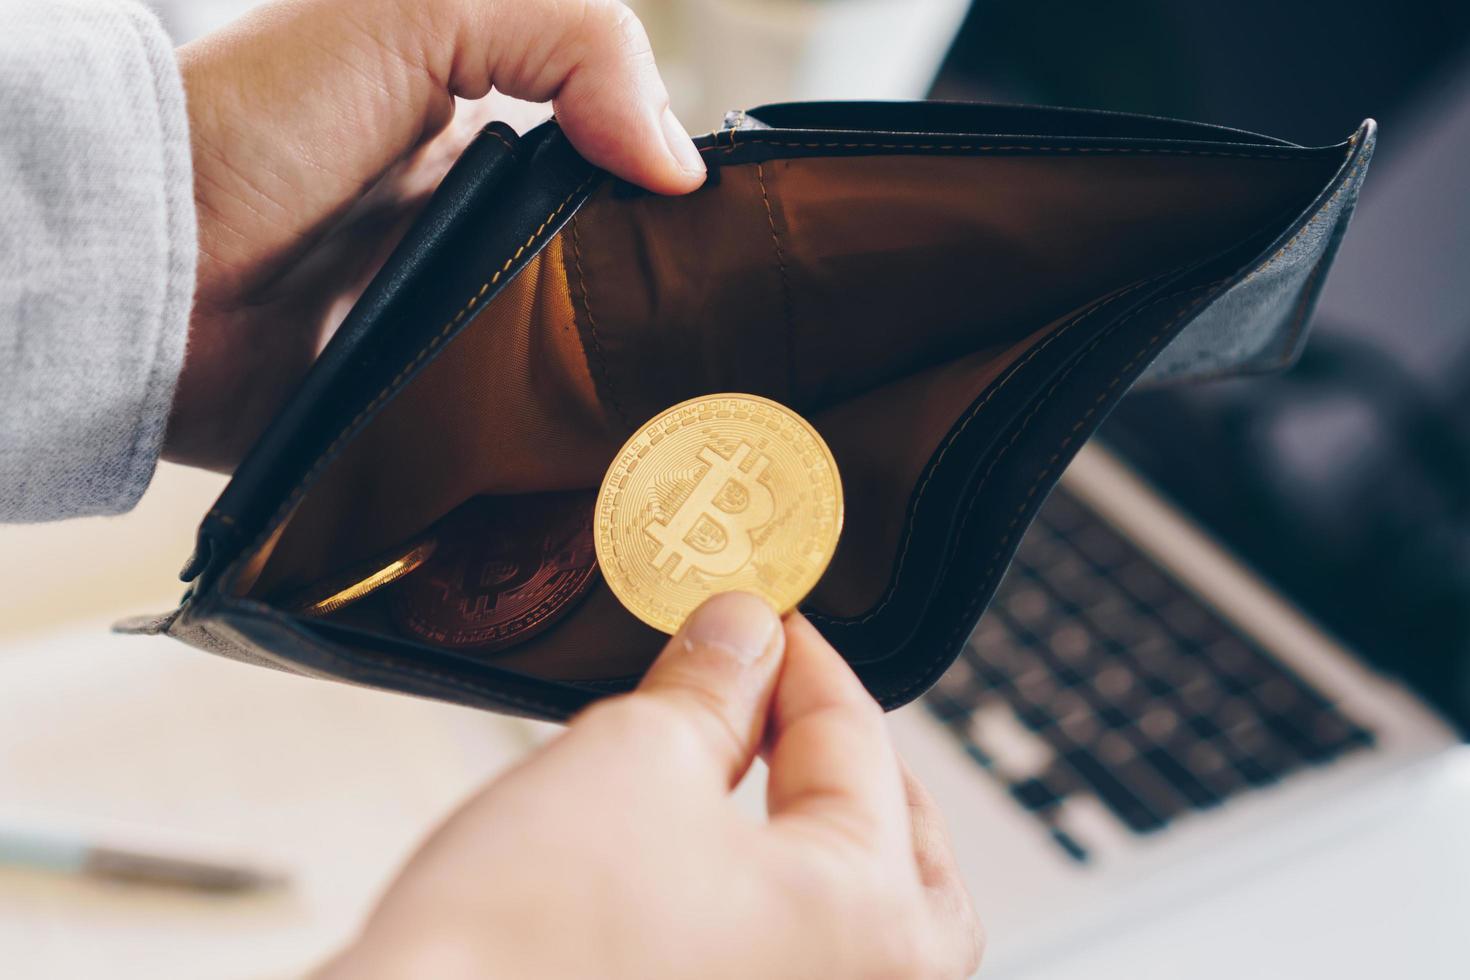 bitcoin muntsymbool van cryptocurrency digitaal geld foto